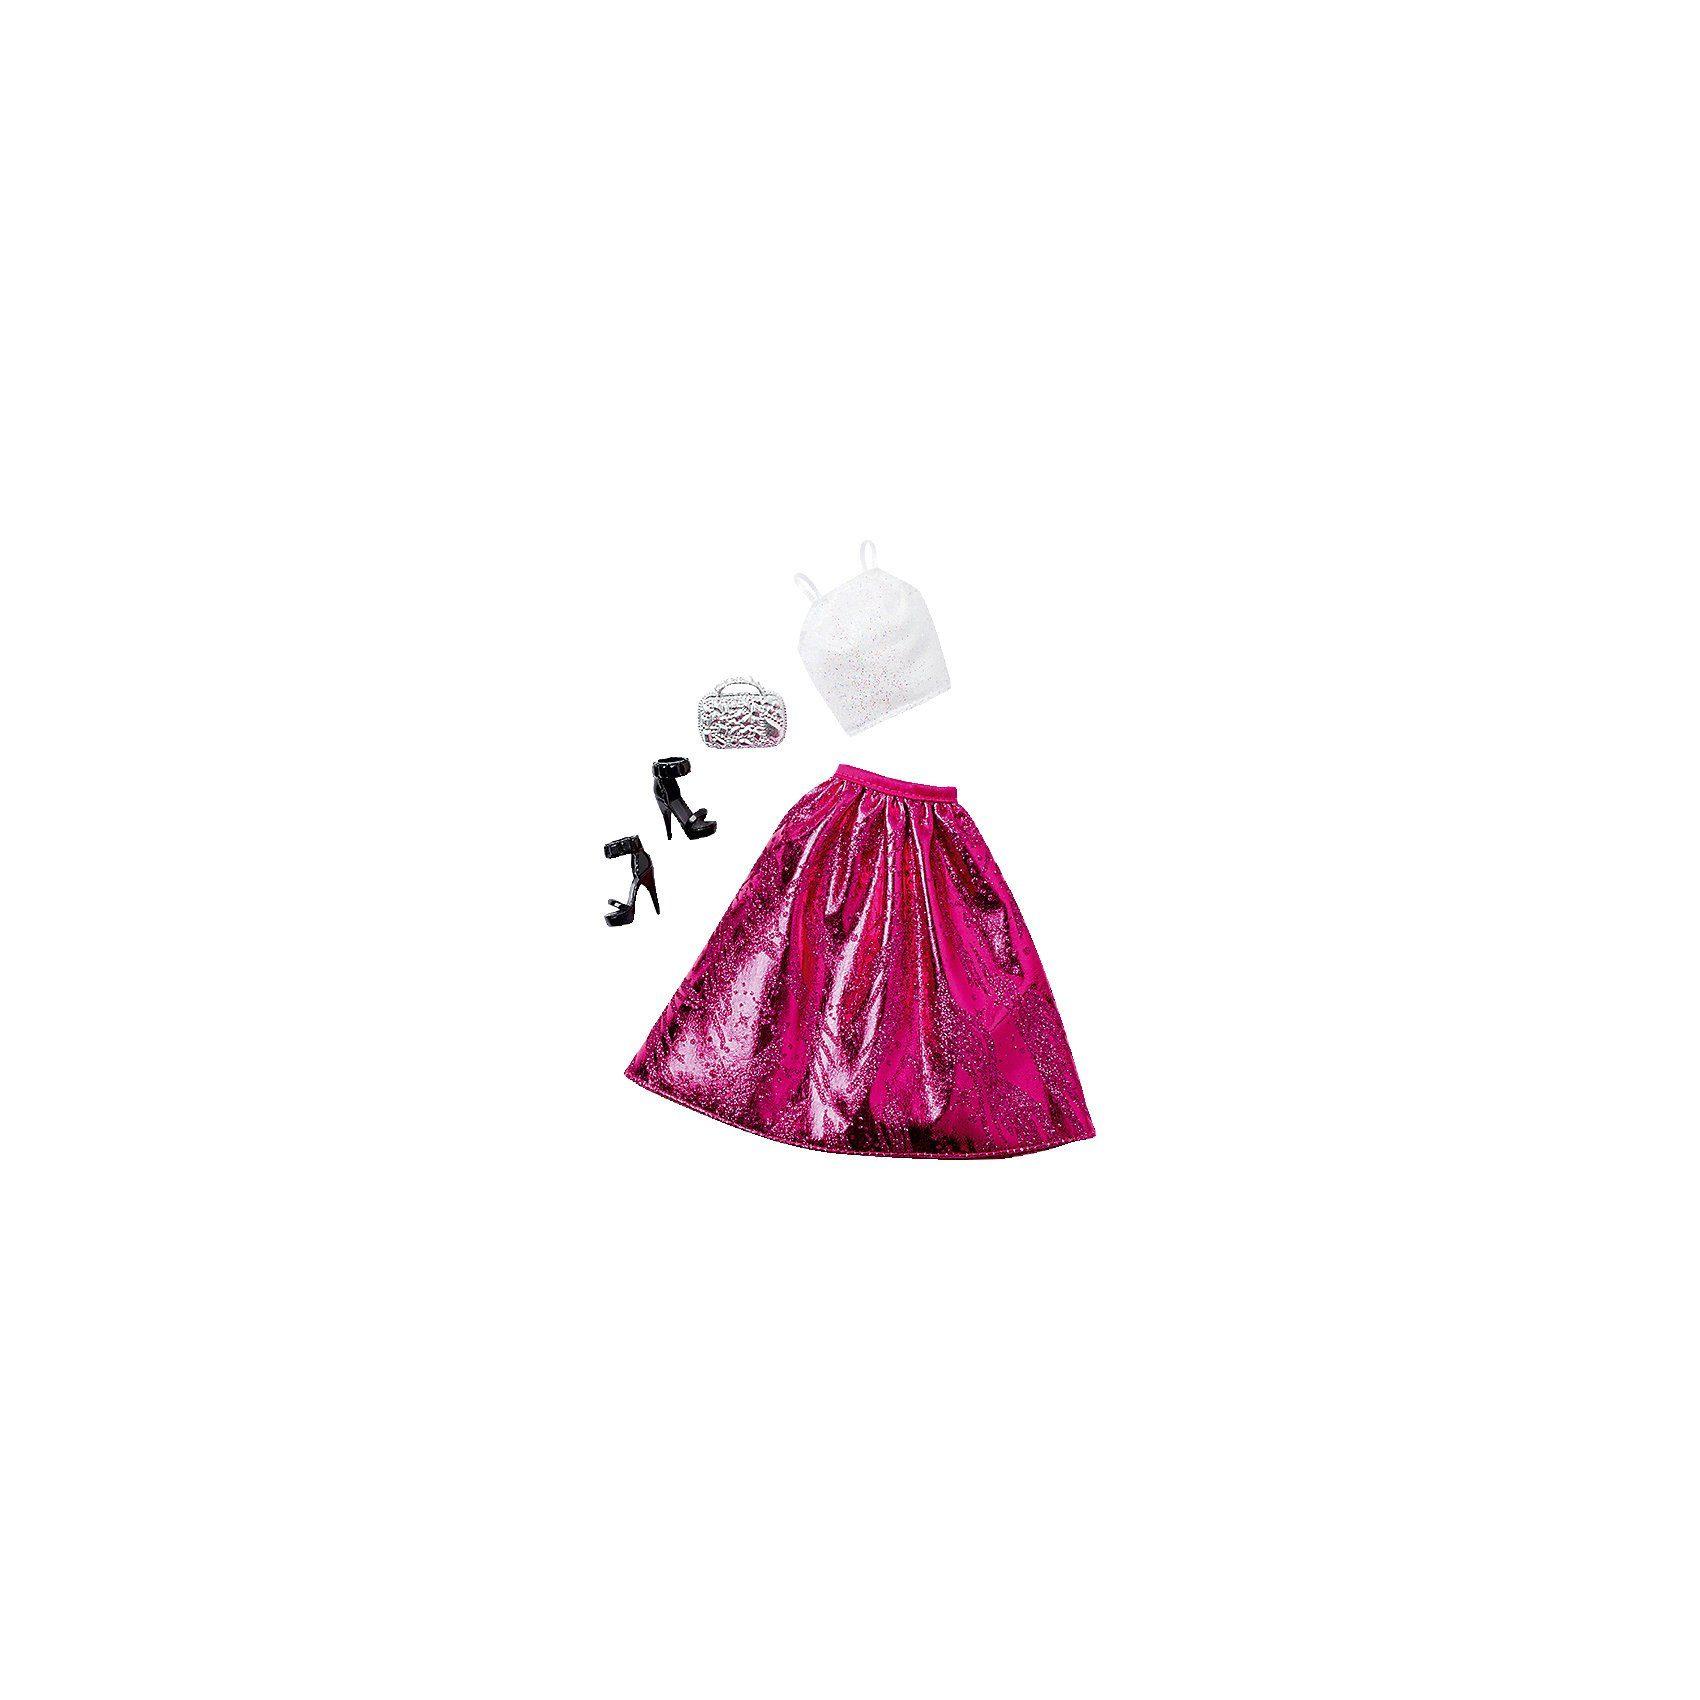 Mattel Mode und Accessoires (1 Set)